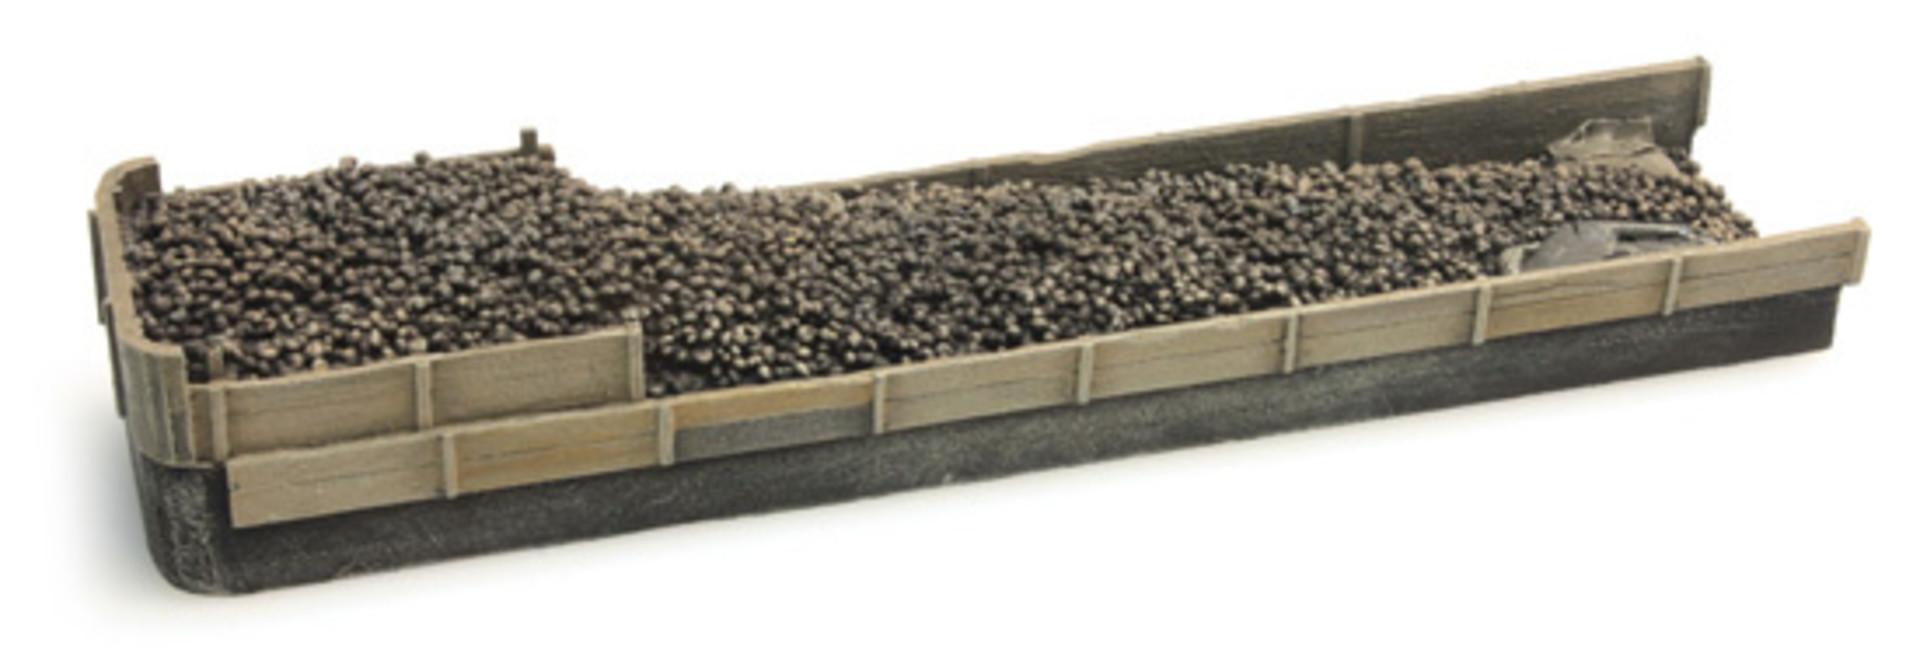 487.801.24 Lading vrachtwagen: Aardappelen